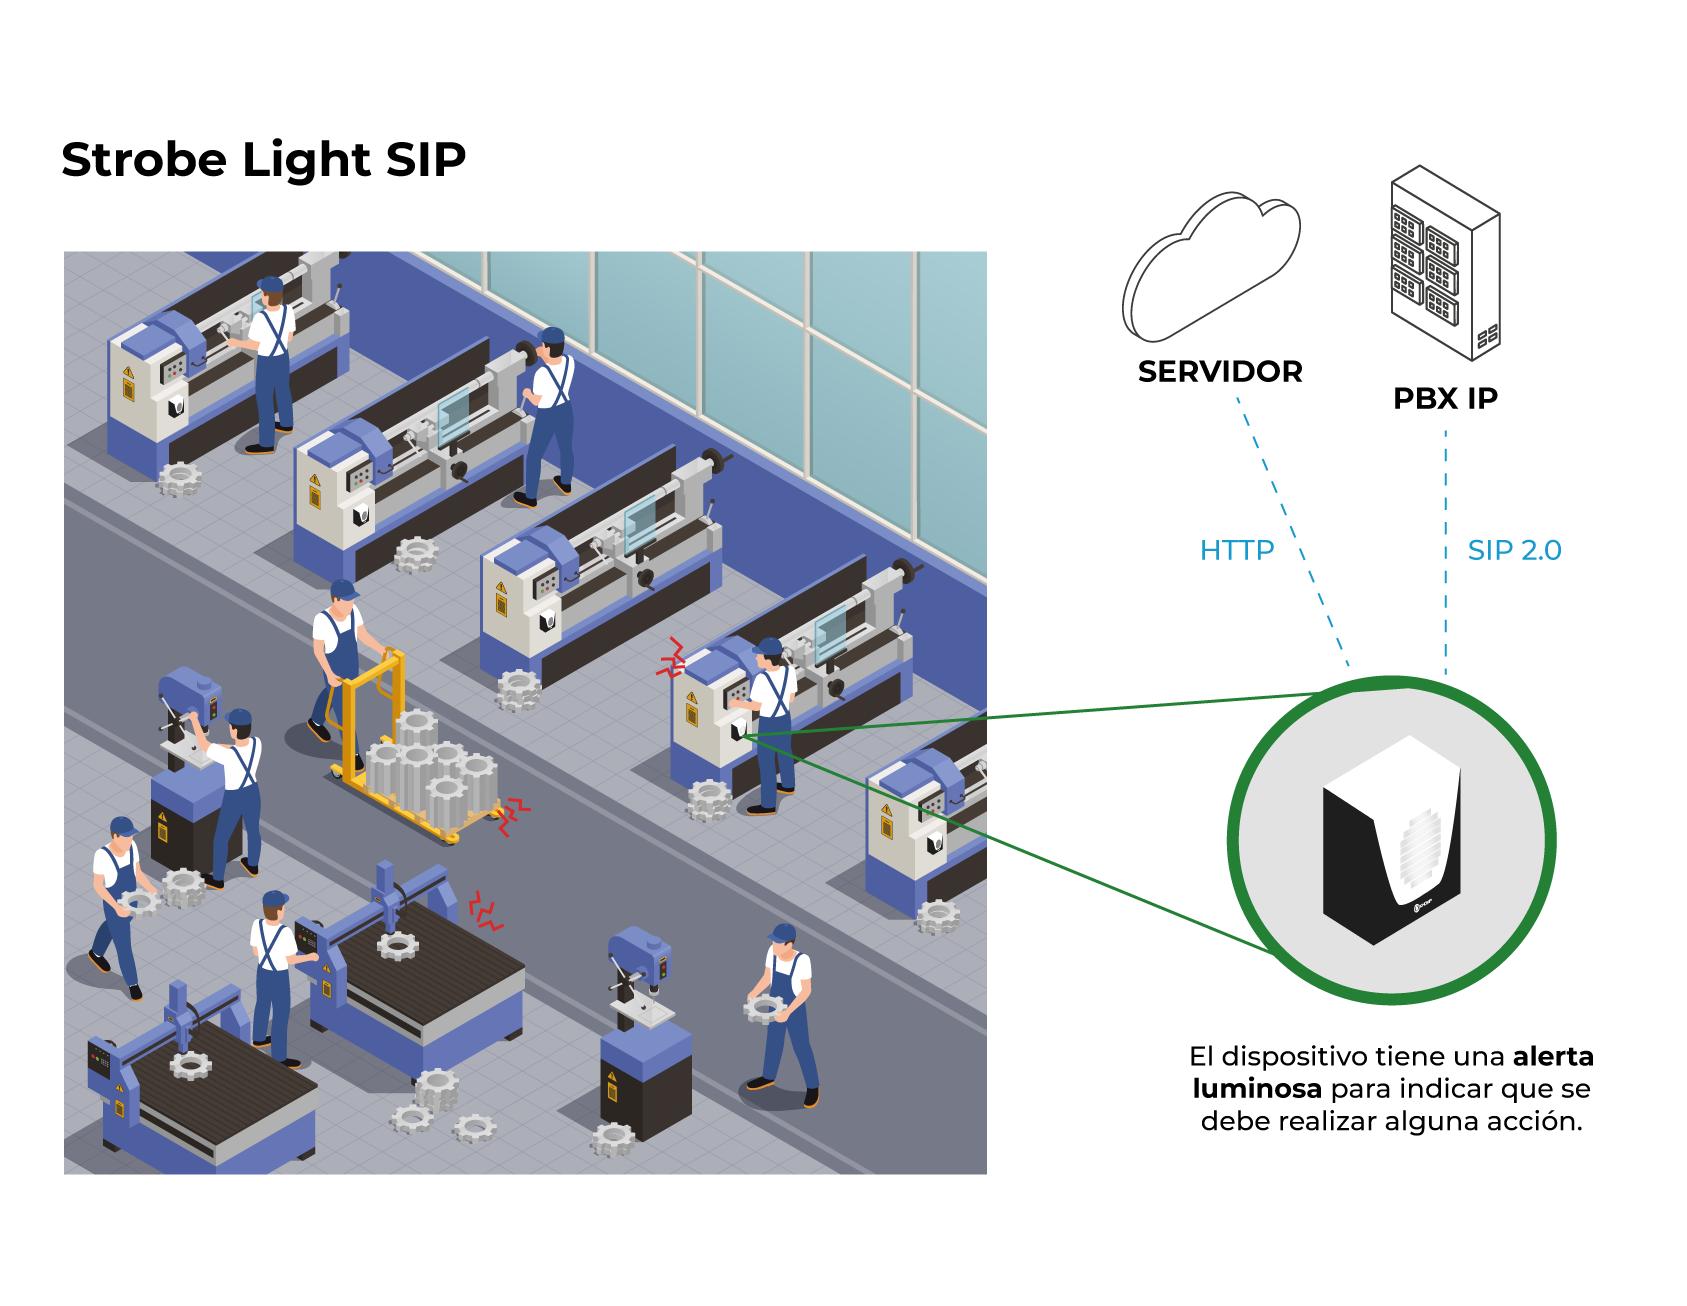 Modelo de aplicación - Strobe Light SIP